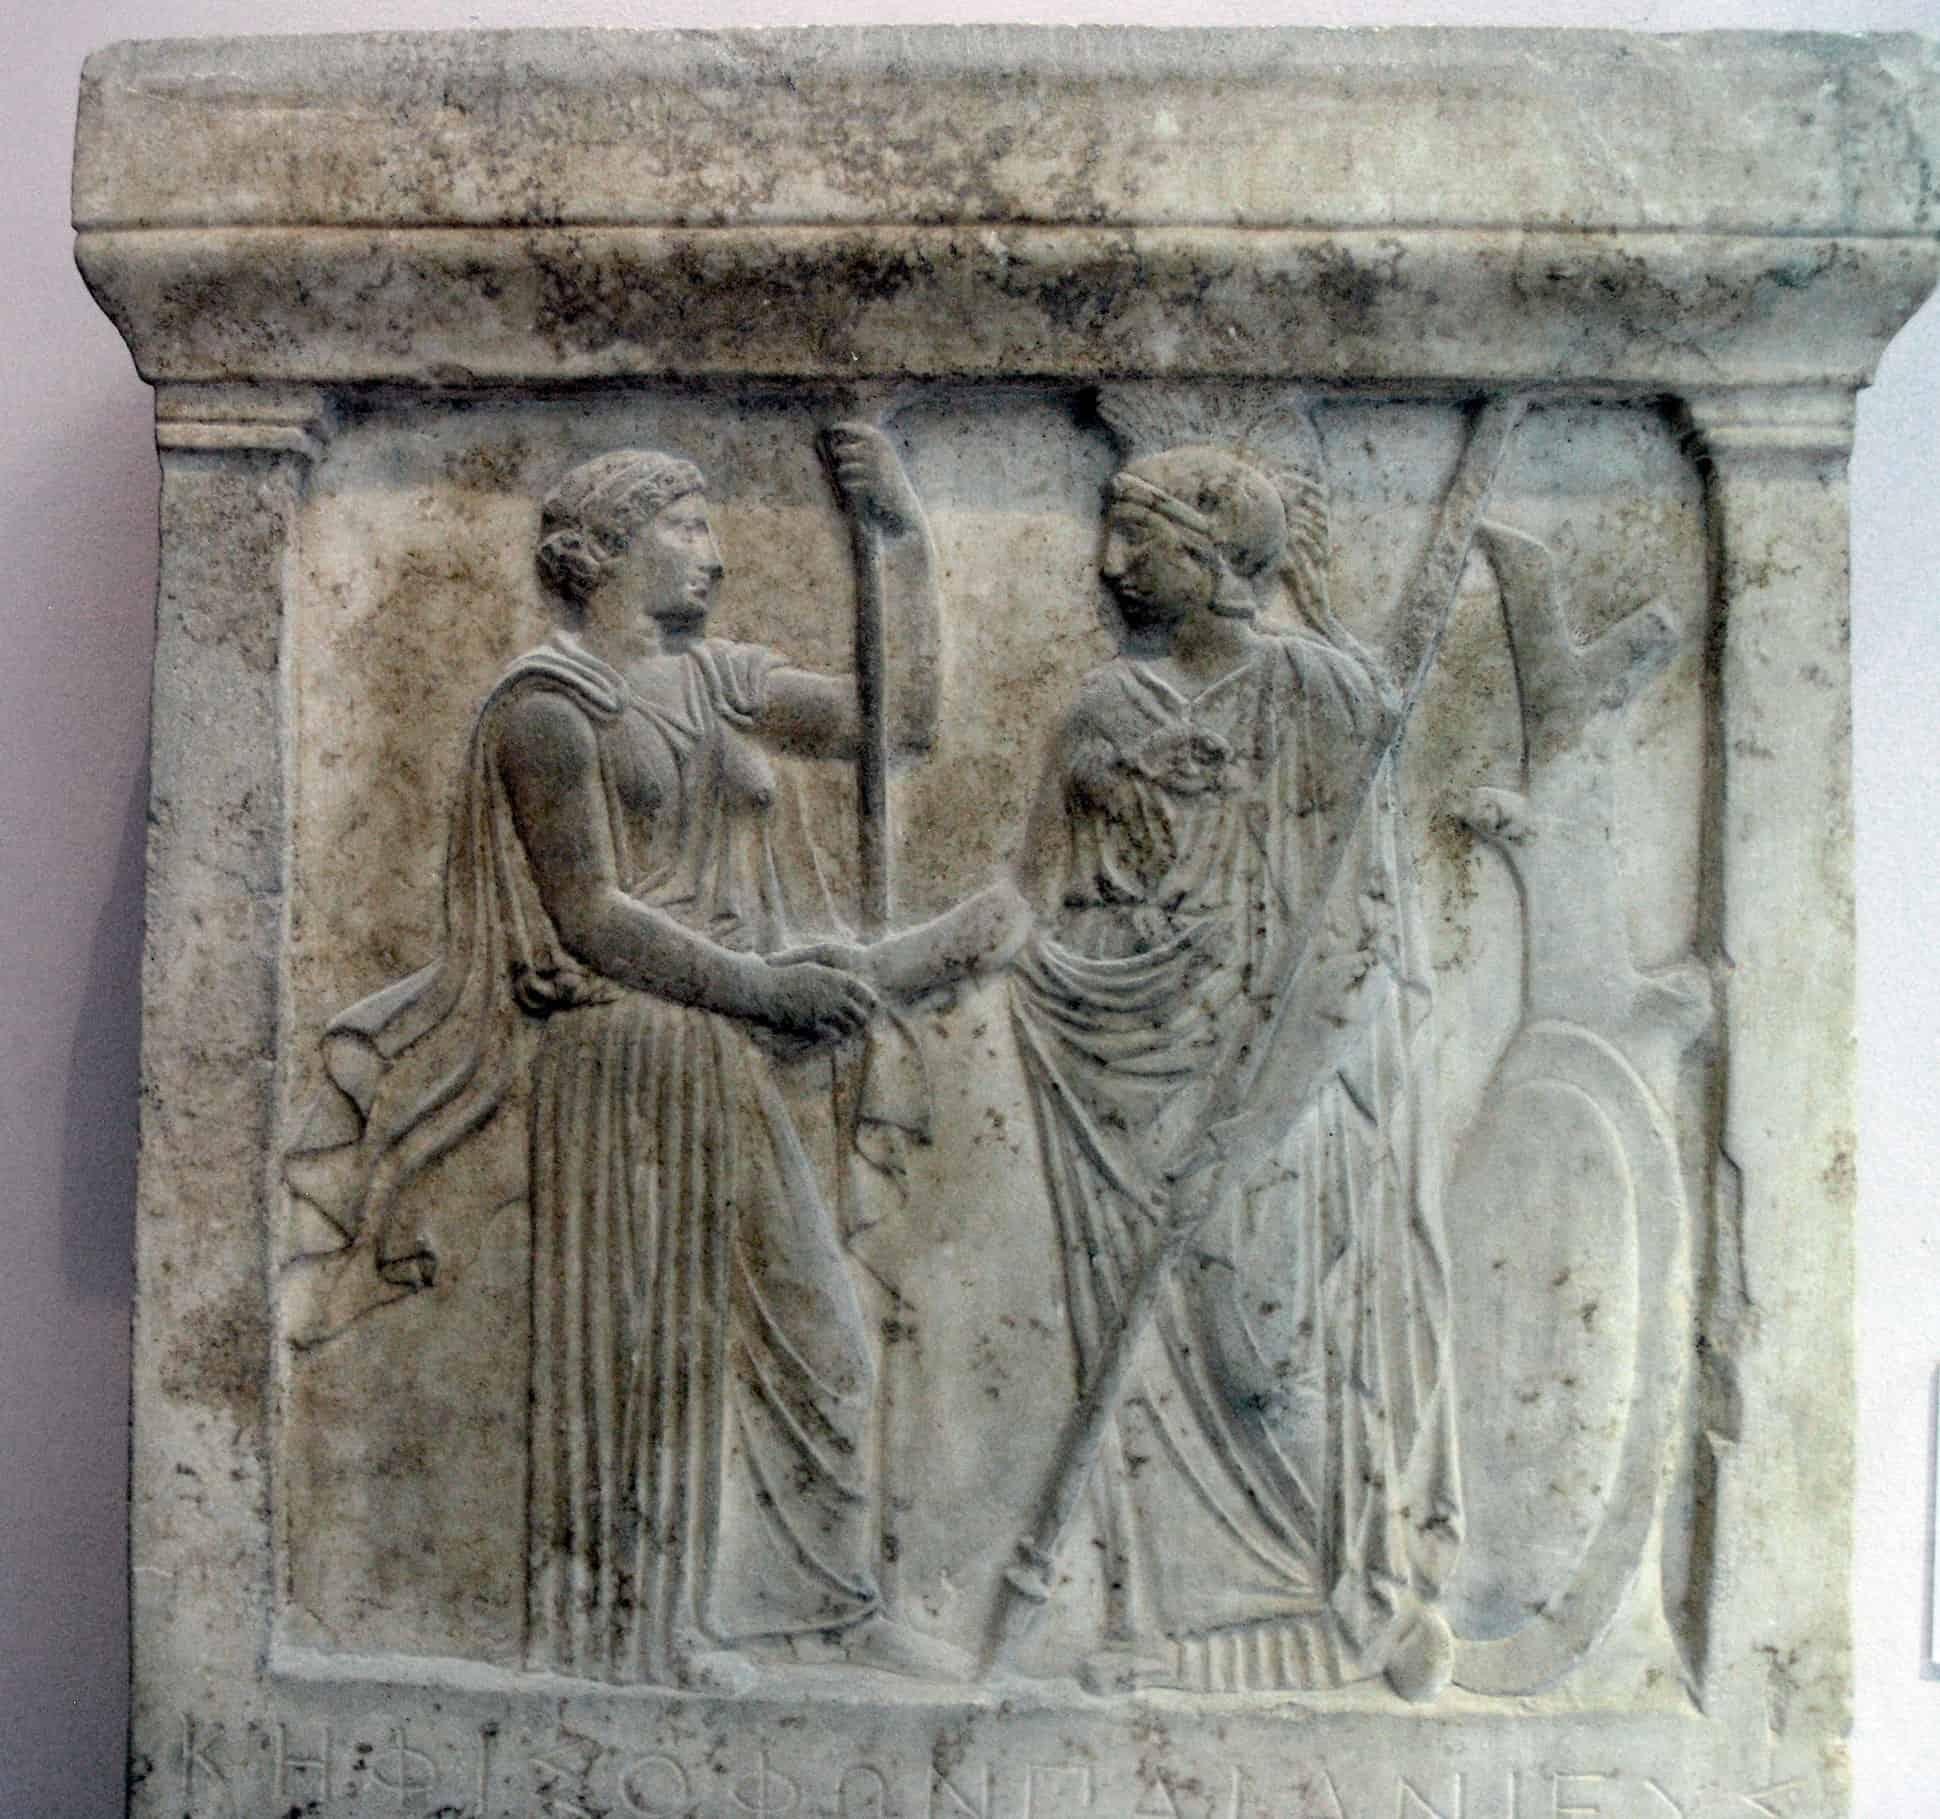 Hera y Ataenea dándose la mano, siglo 5 a. C. Museo de la Acrópolis de Atenas.